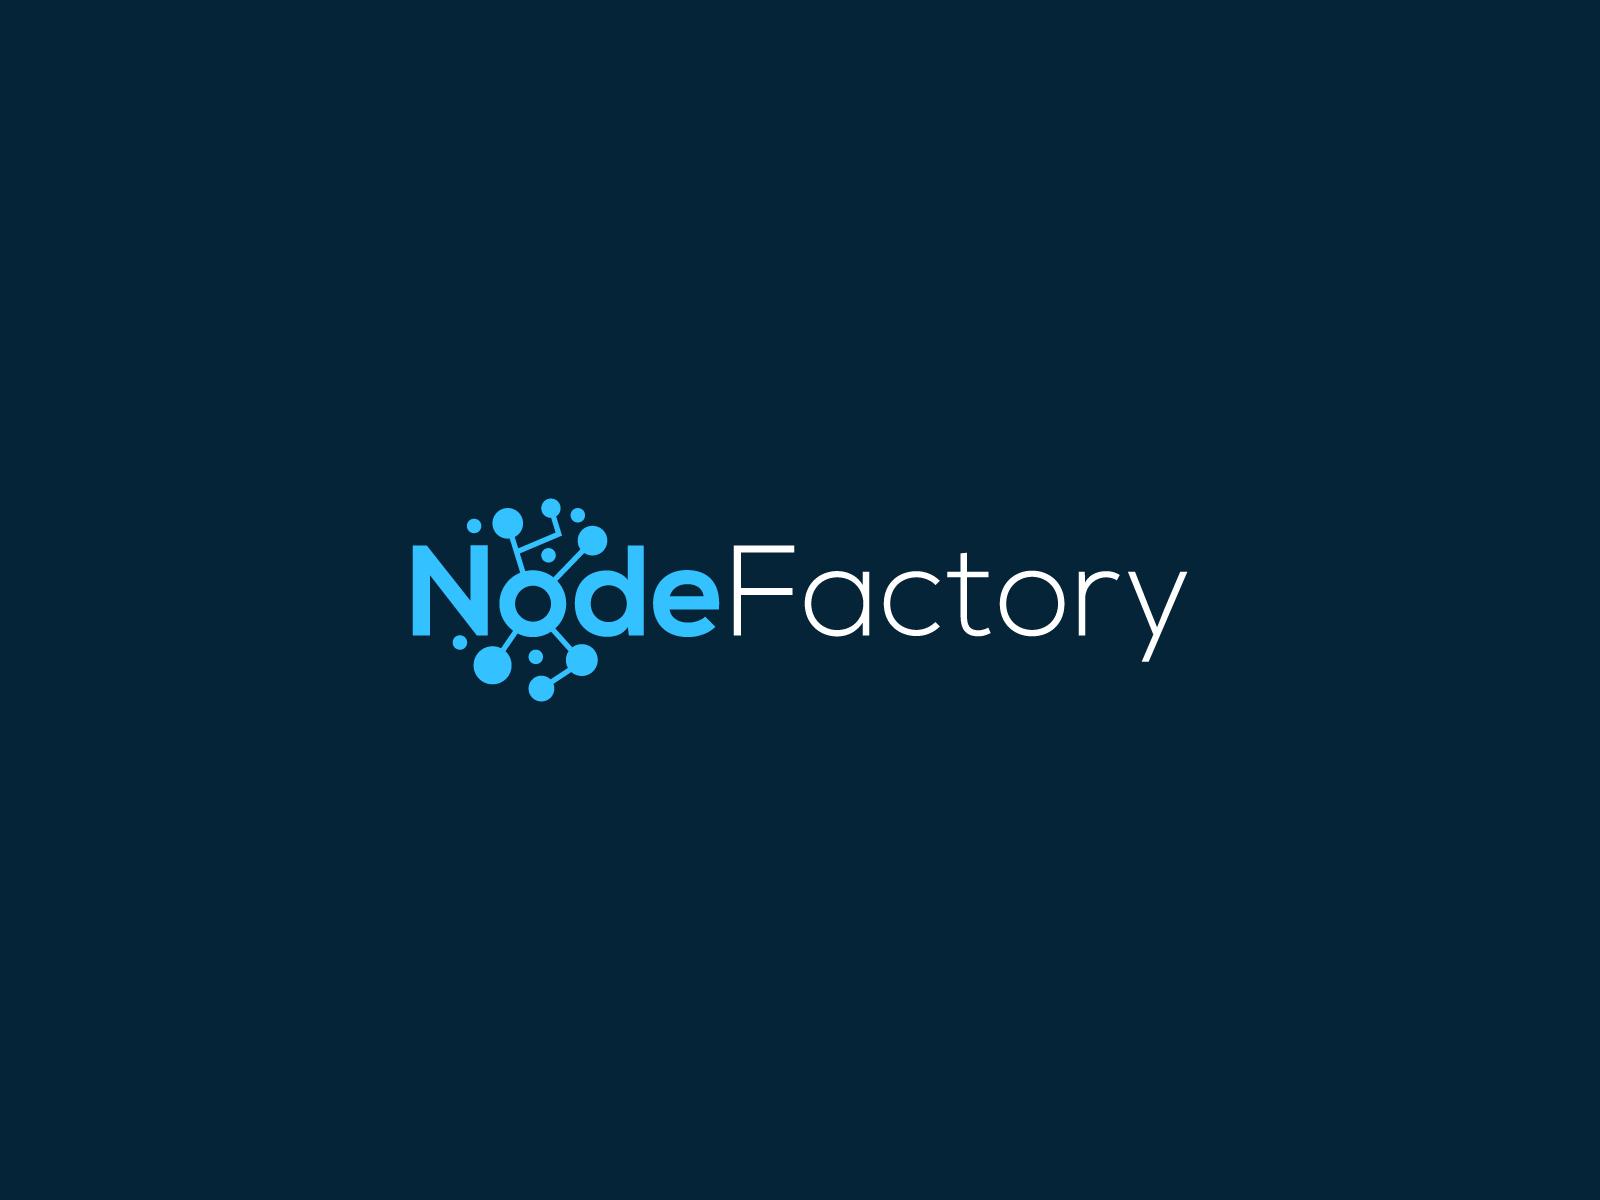 NodeFactory